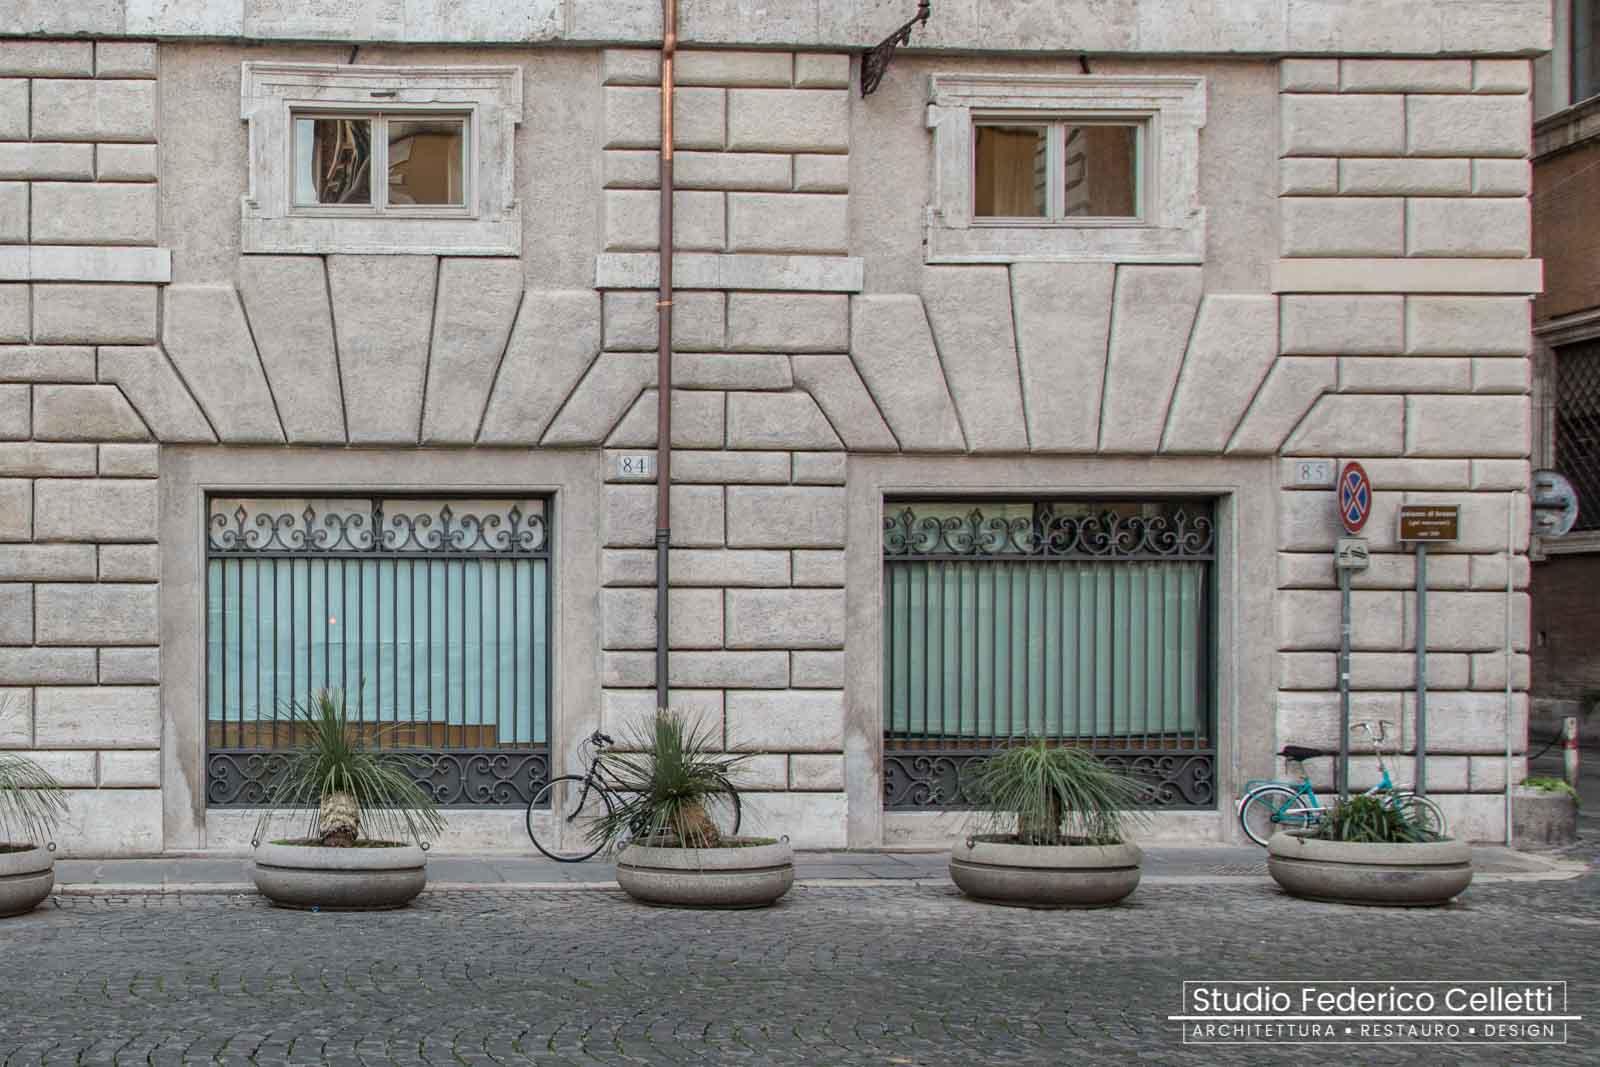 Cosa fa un architetto acheserveunarchitetto gli spazi - Architetto palazzo congressi roma ...